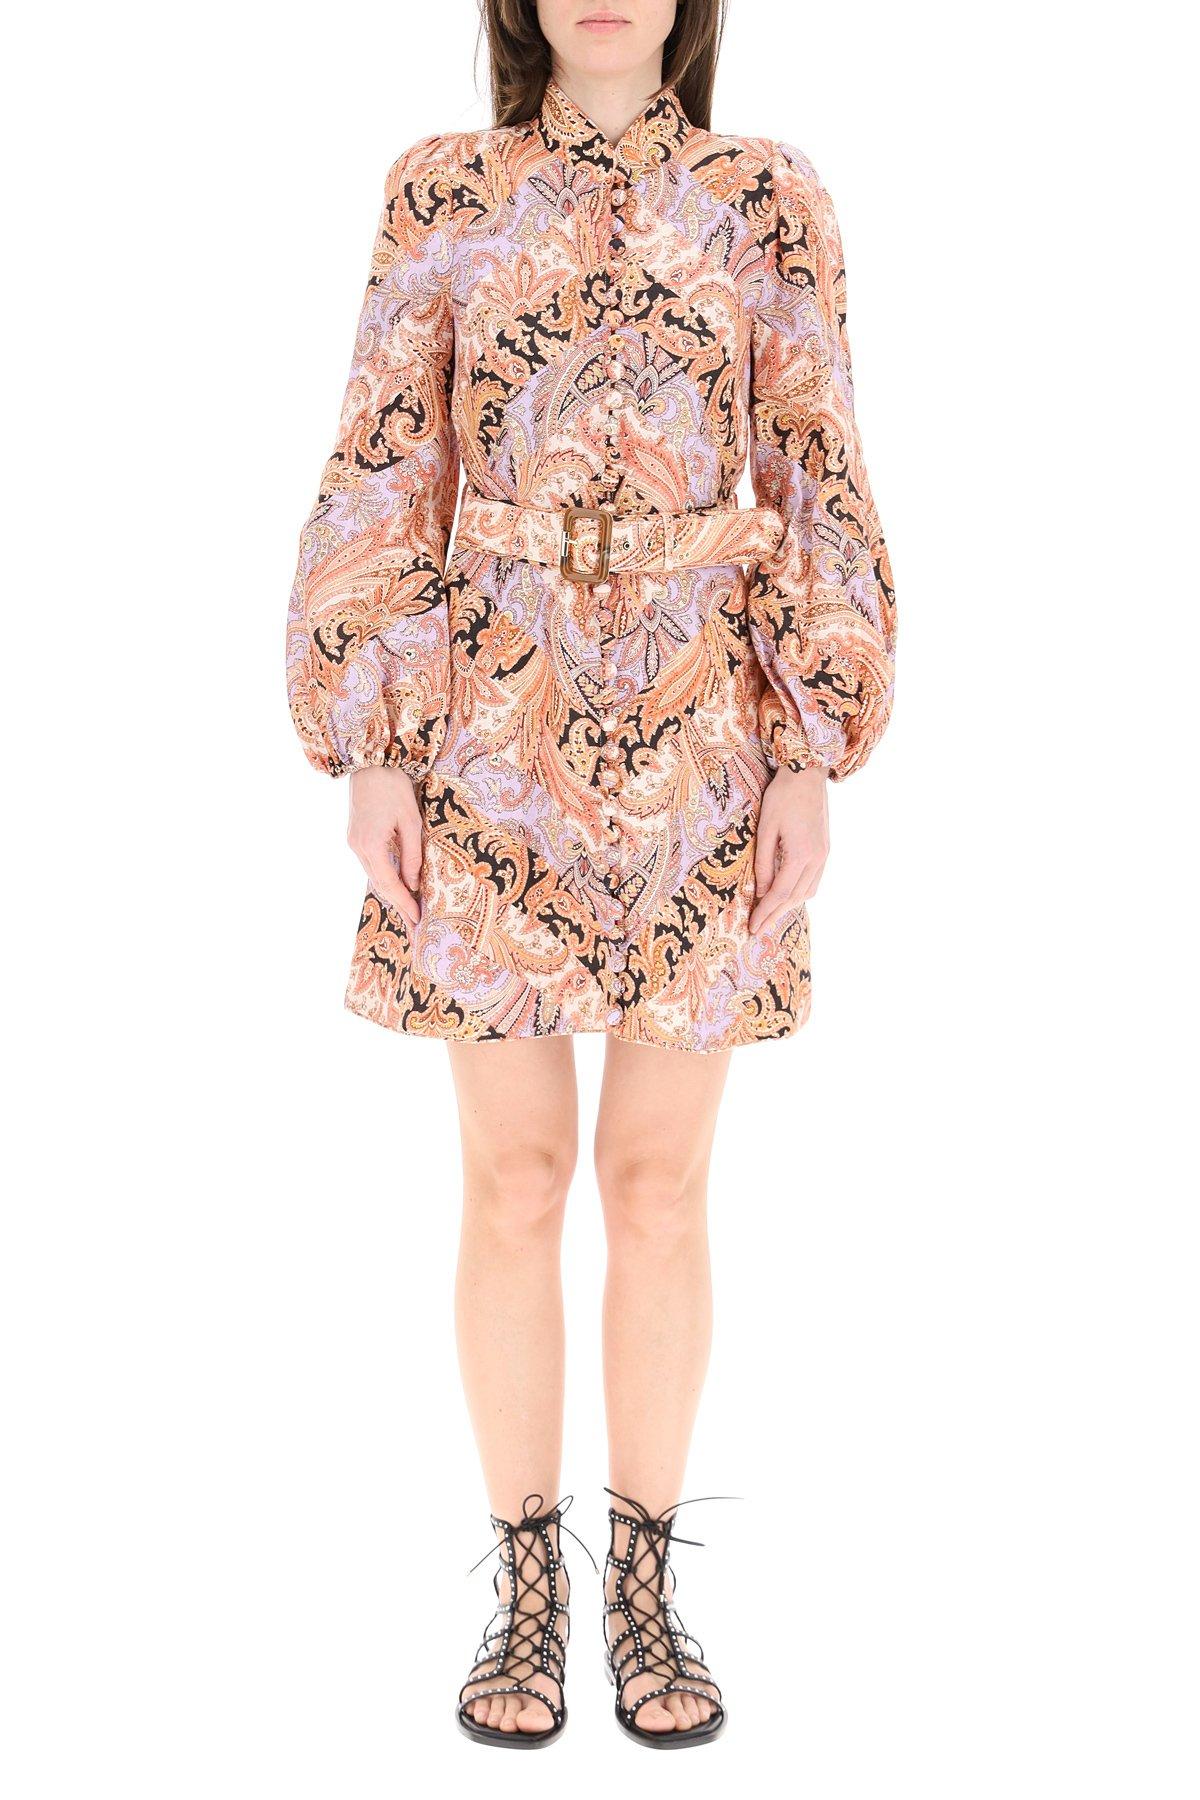 Zimmermann mini abito botanica chevron paisley